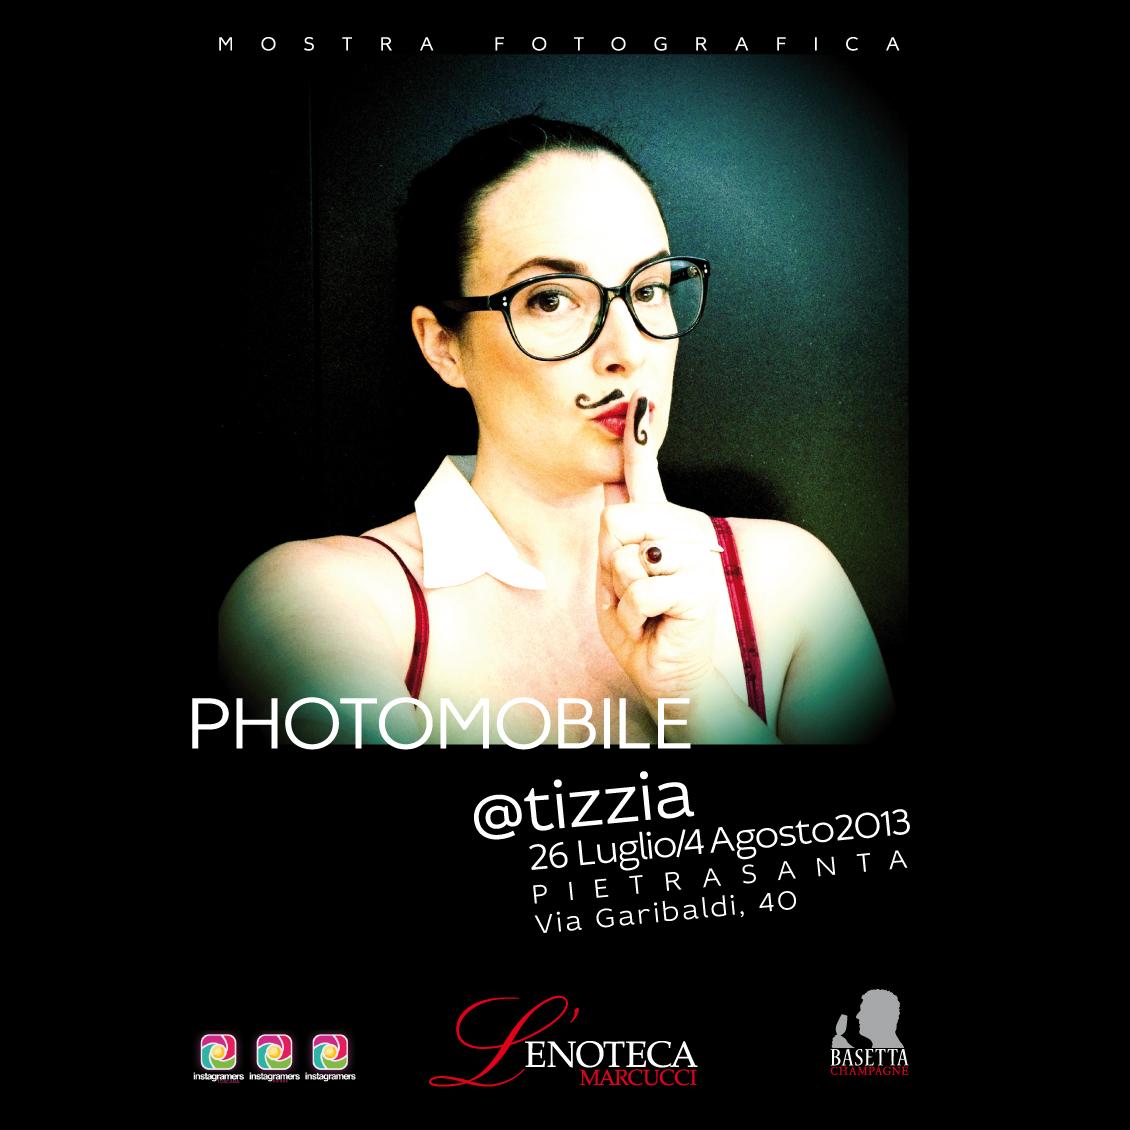 Mostra di photomobile con @tizzia e challenge con Paul Smith